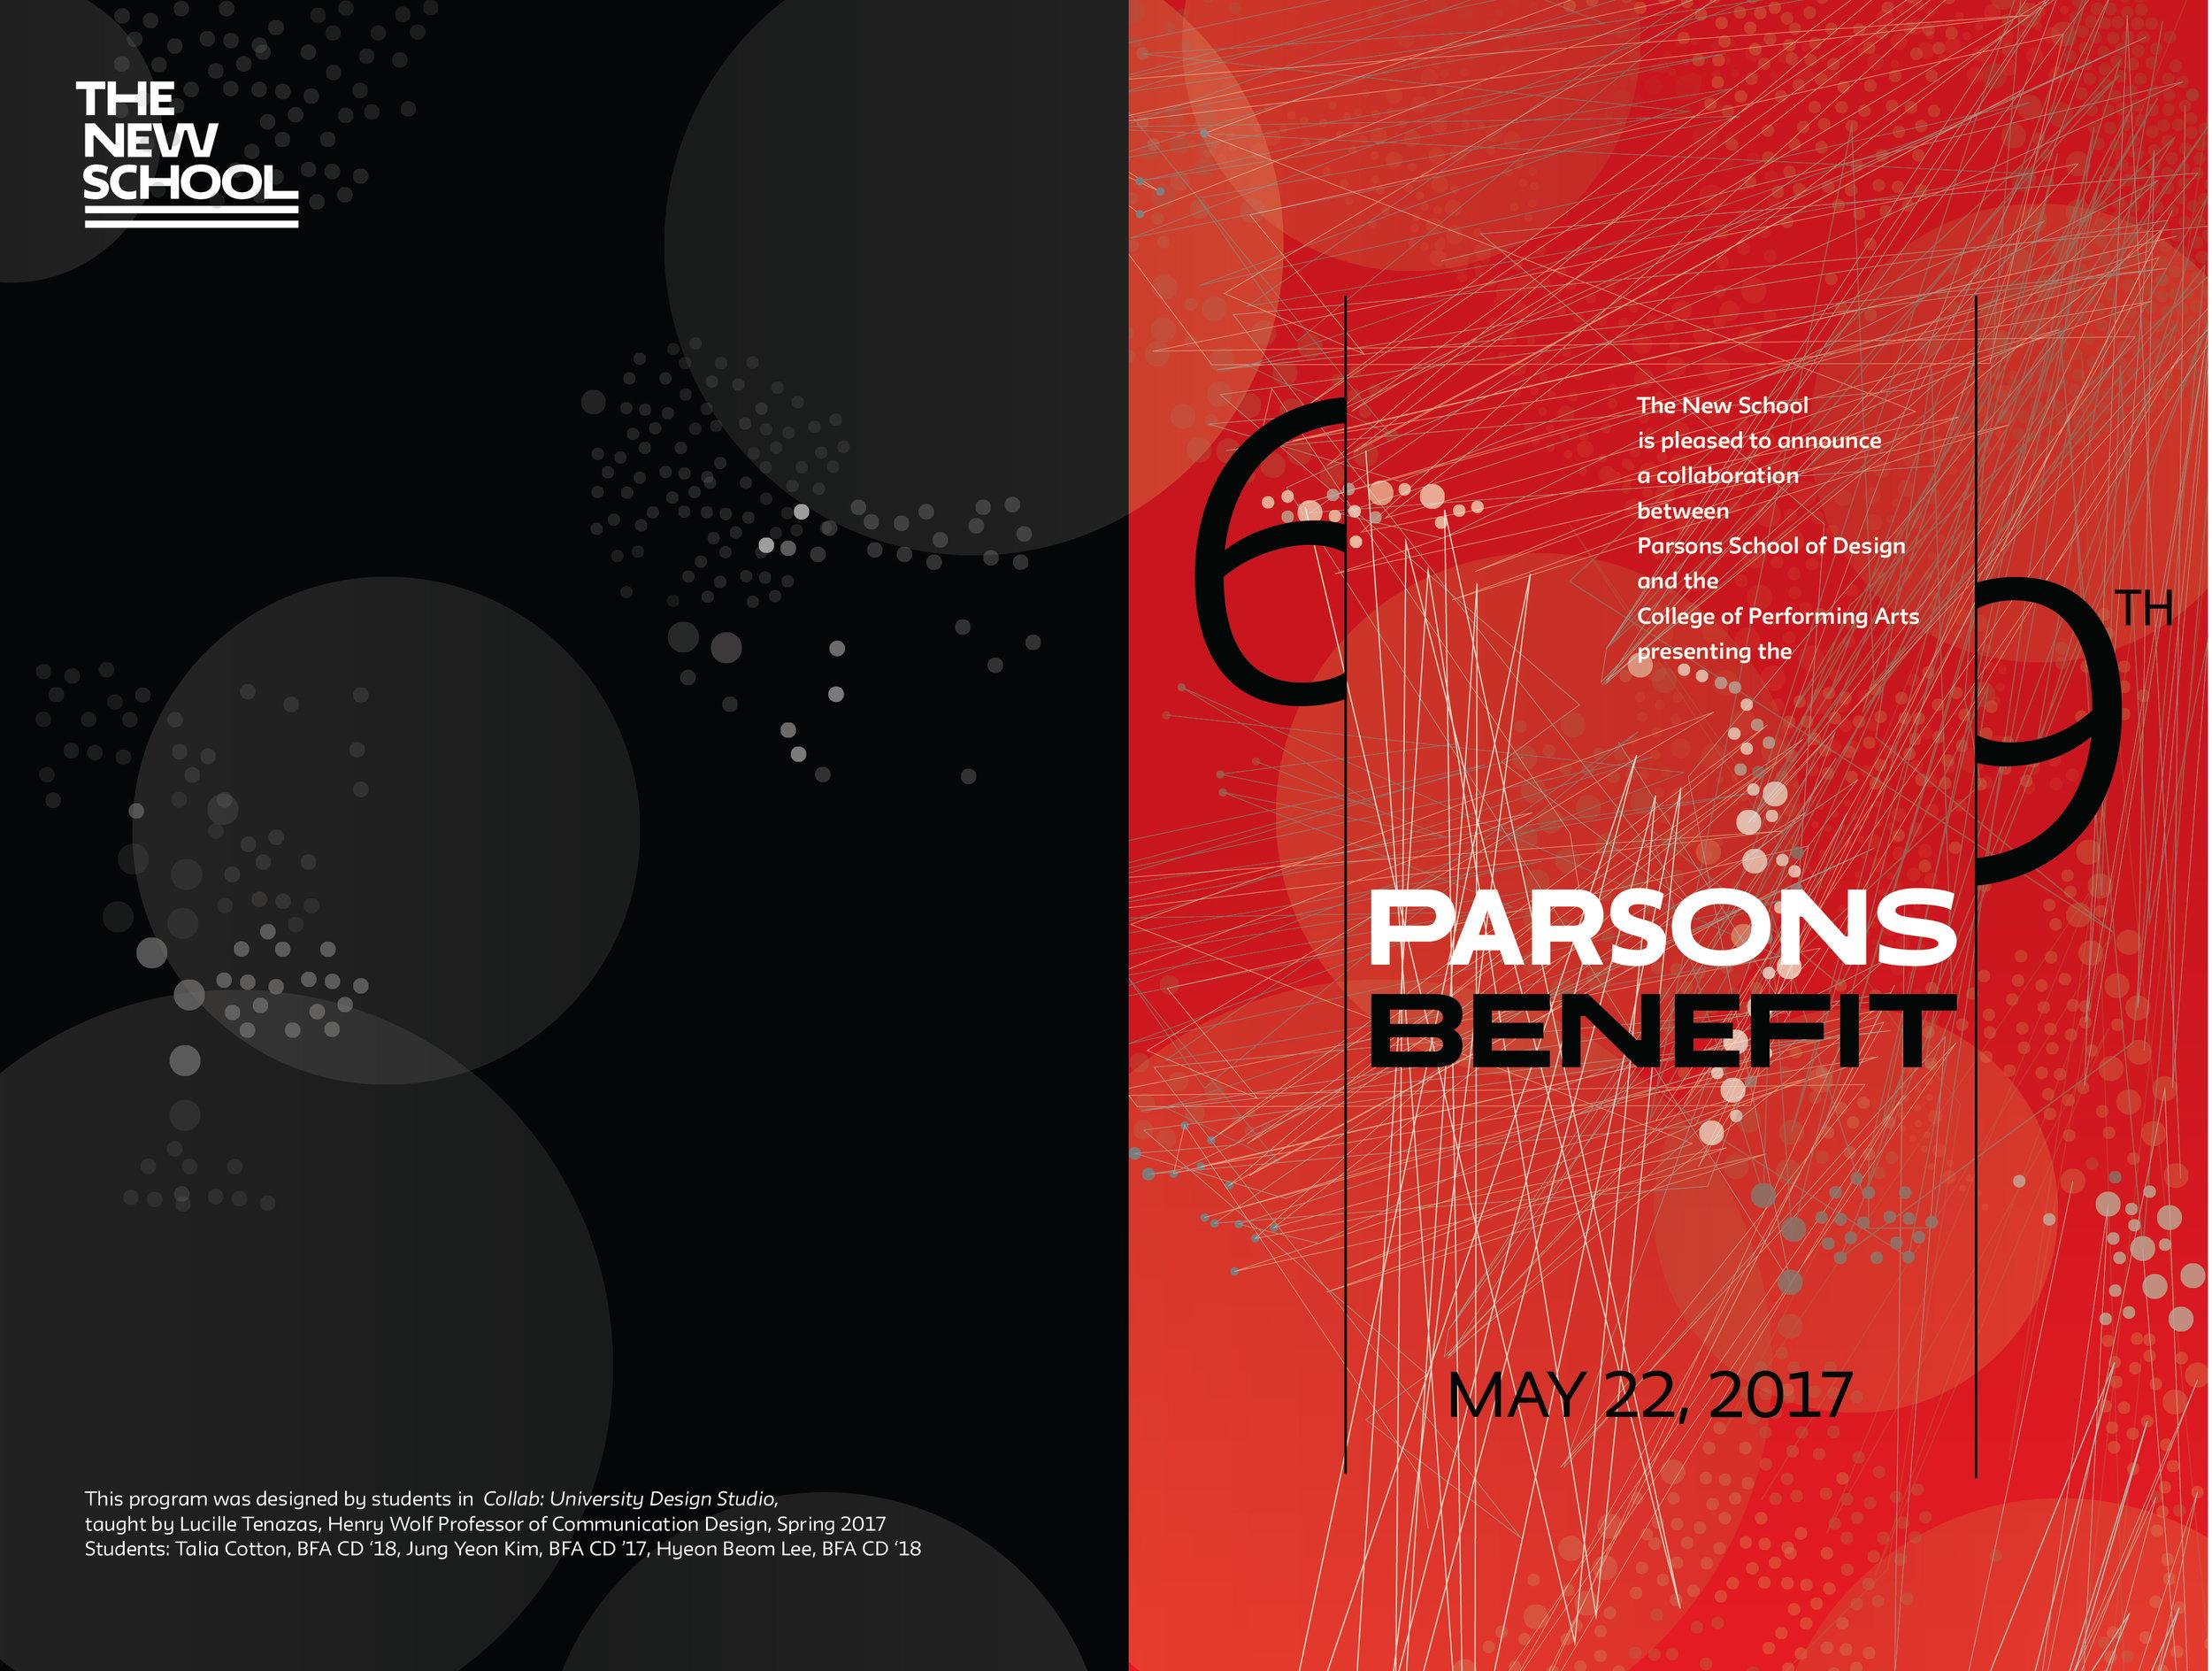 PARSONS BENEFIT